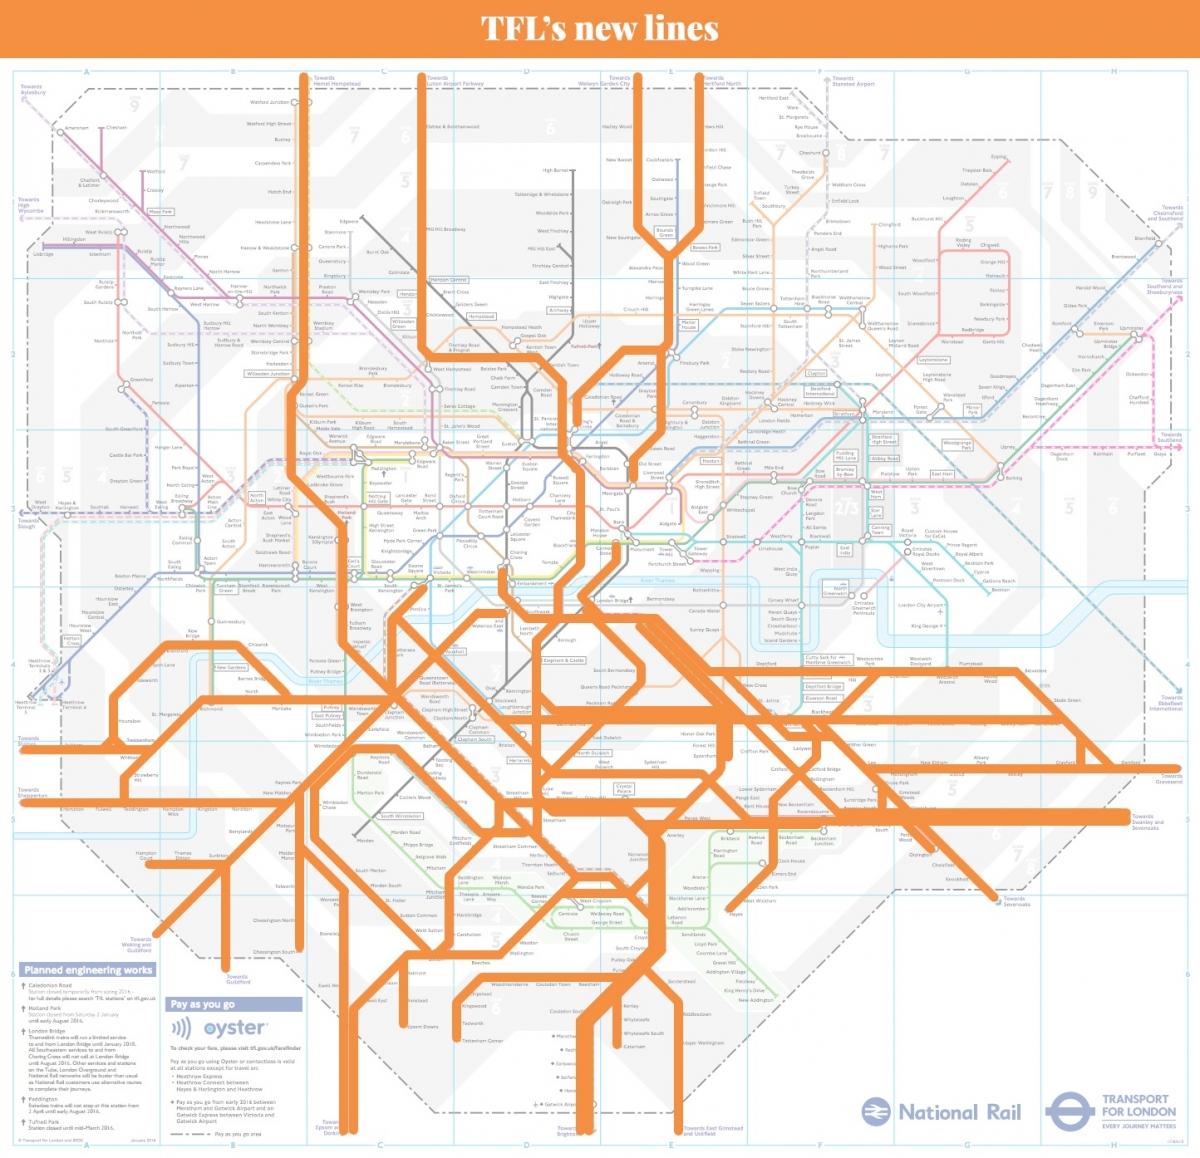 London rail plan